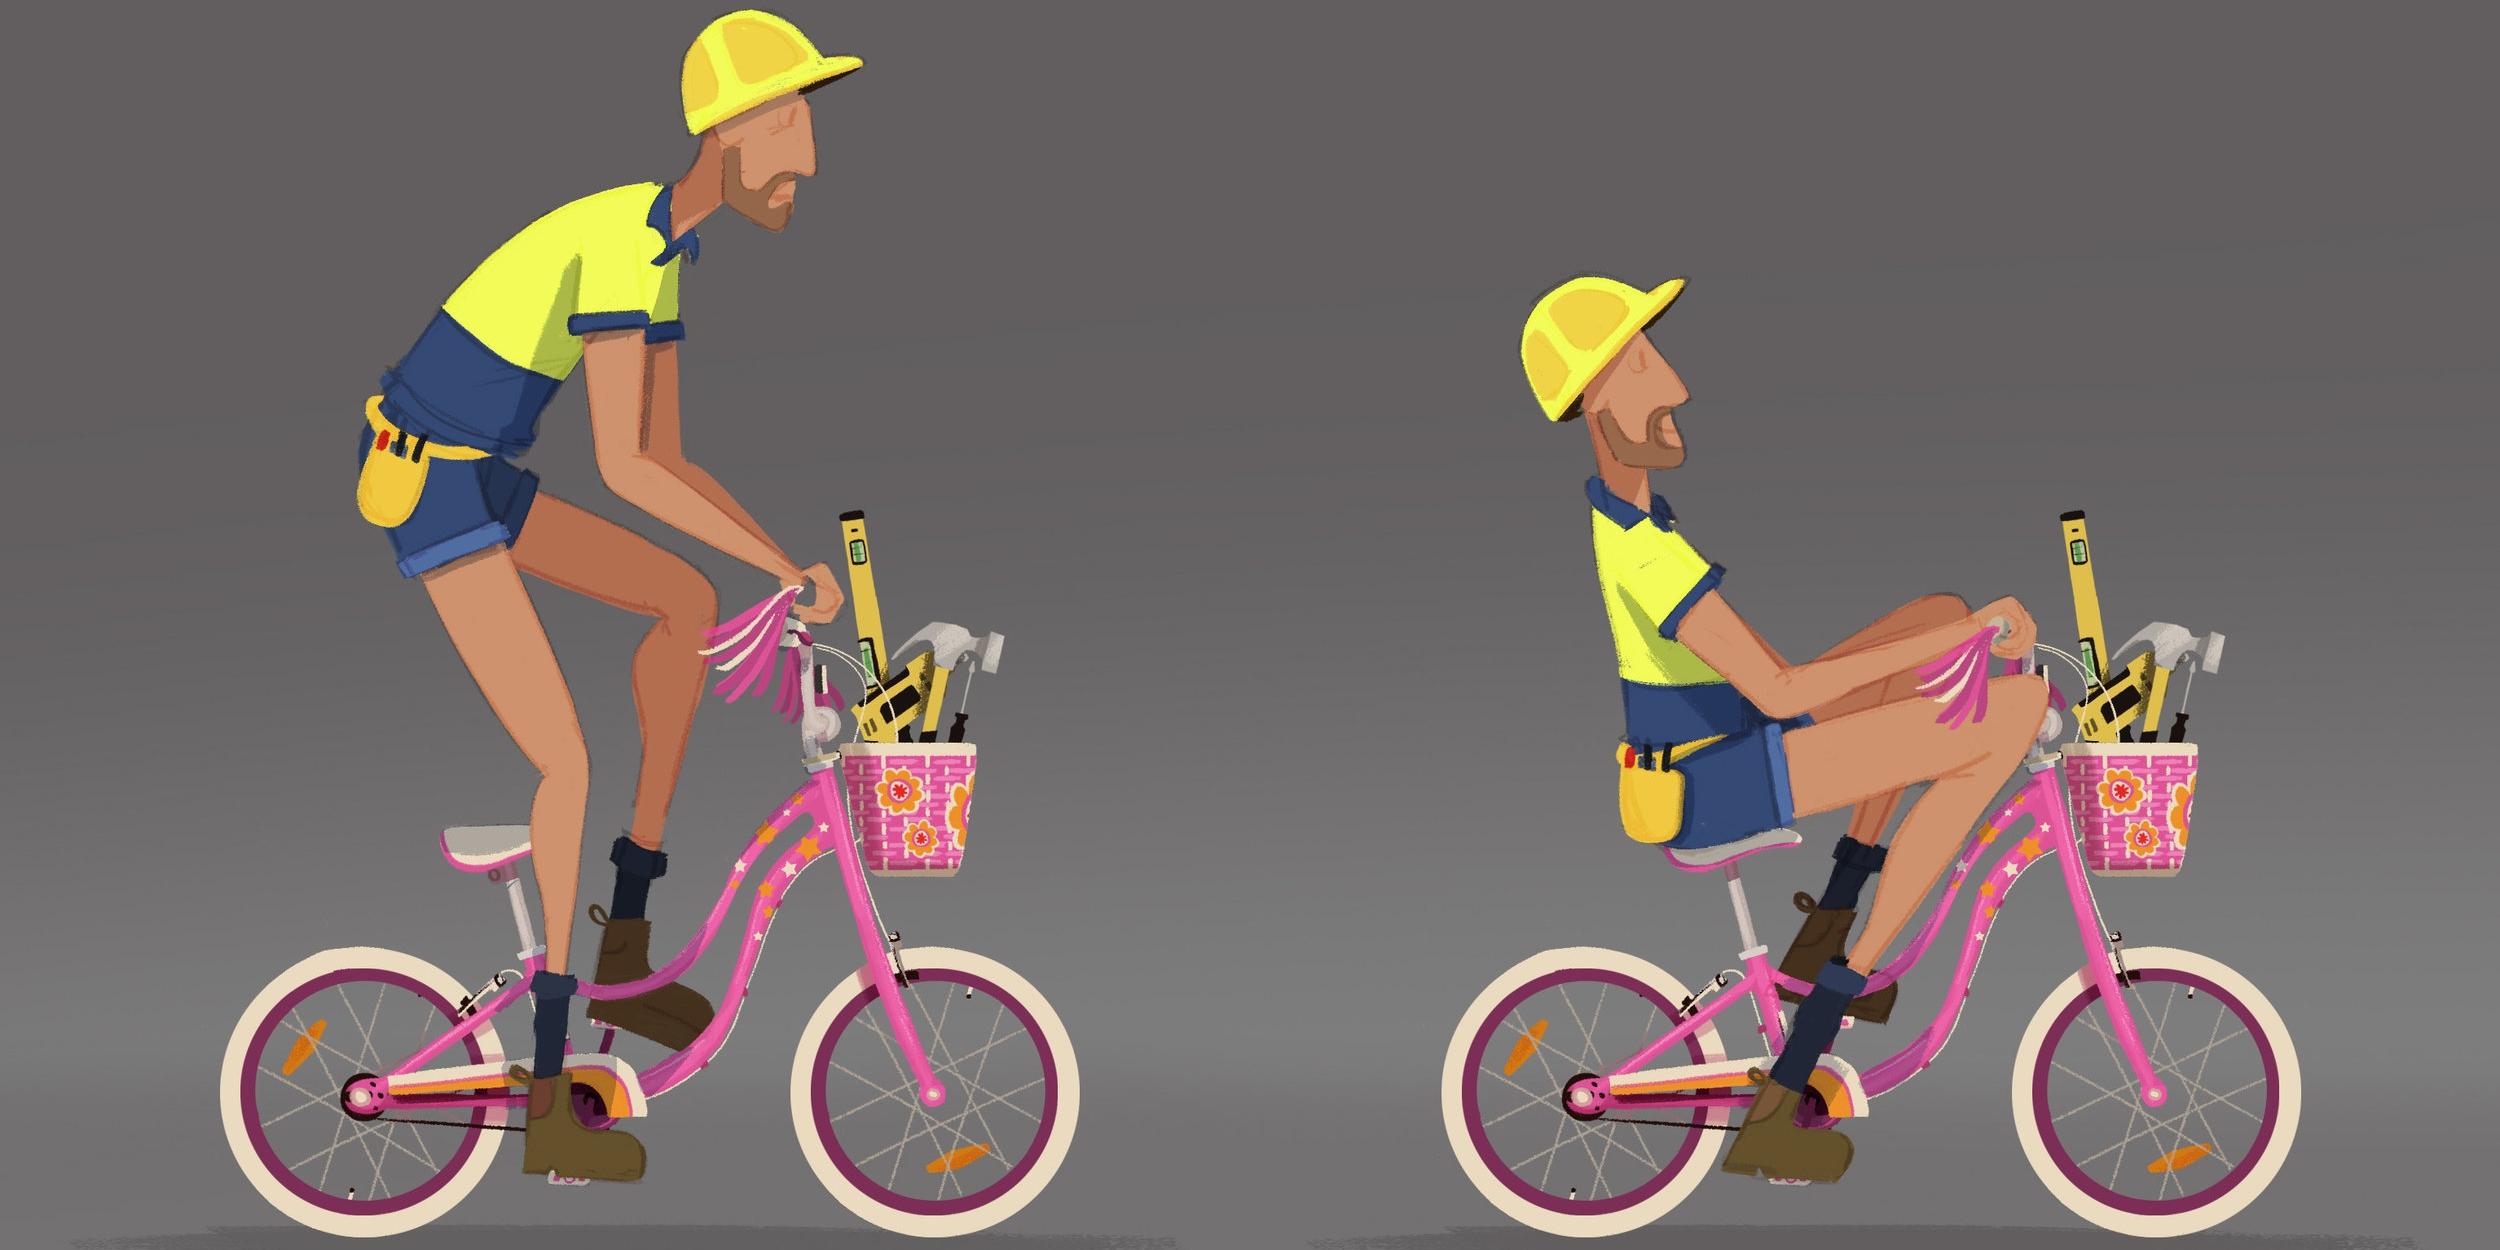 CommGames_charTradie_bikePoses2.jpg